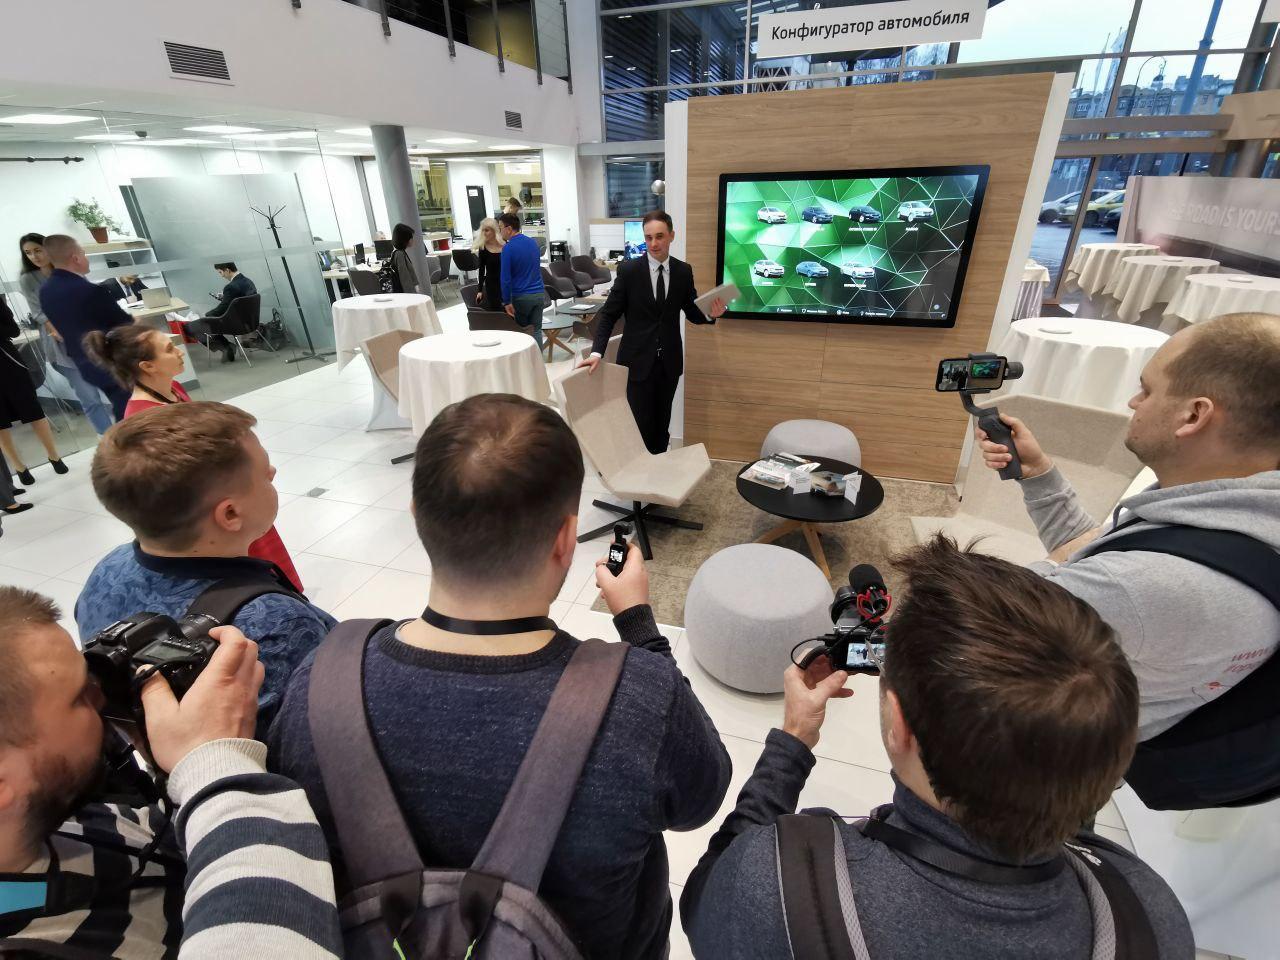 Первый на Северо-Западе цифровой шоу-рум ŠKODA открылся в СПб